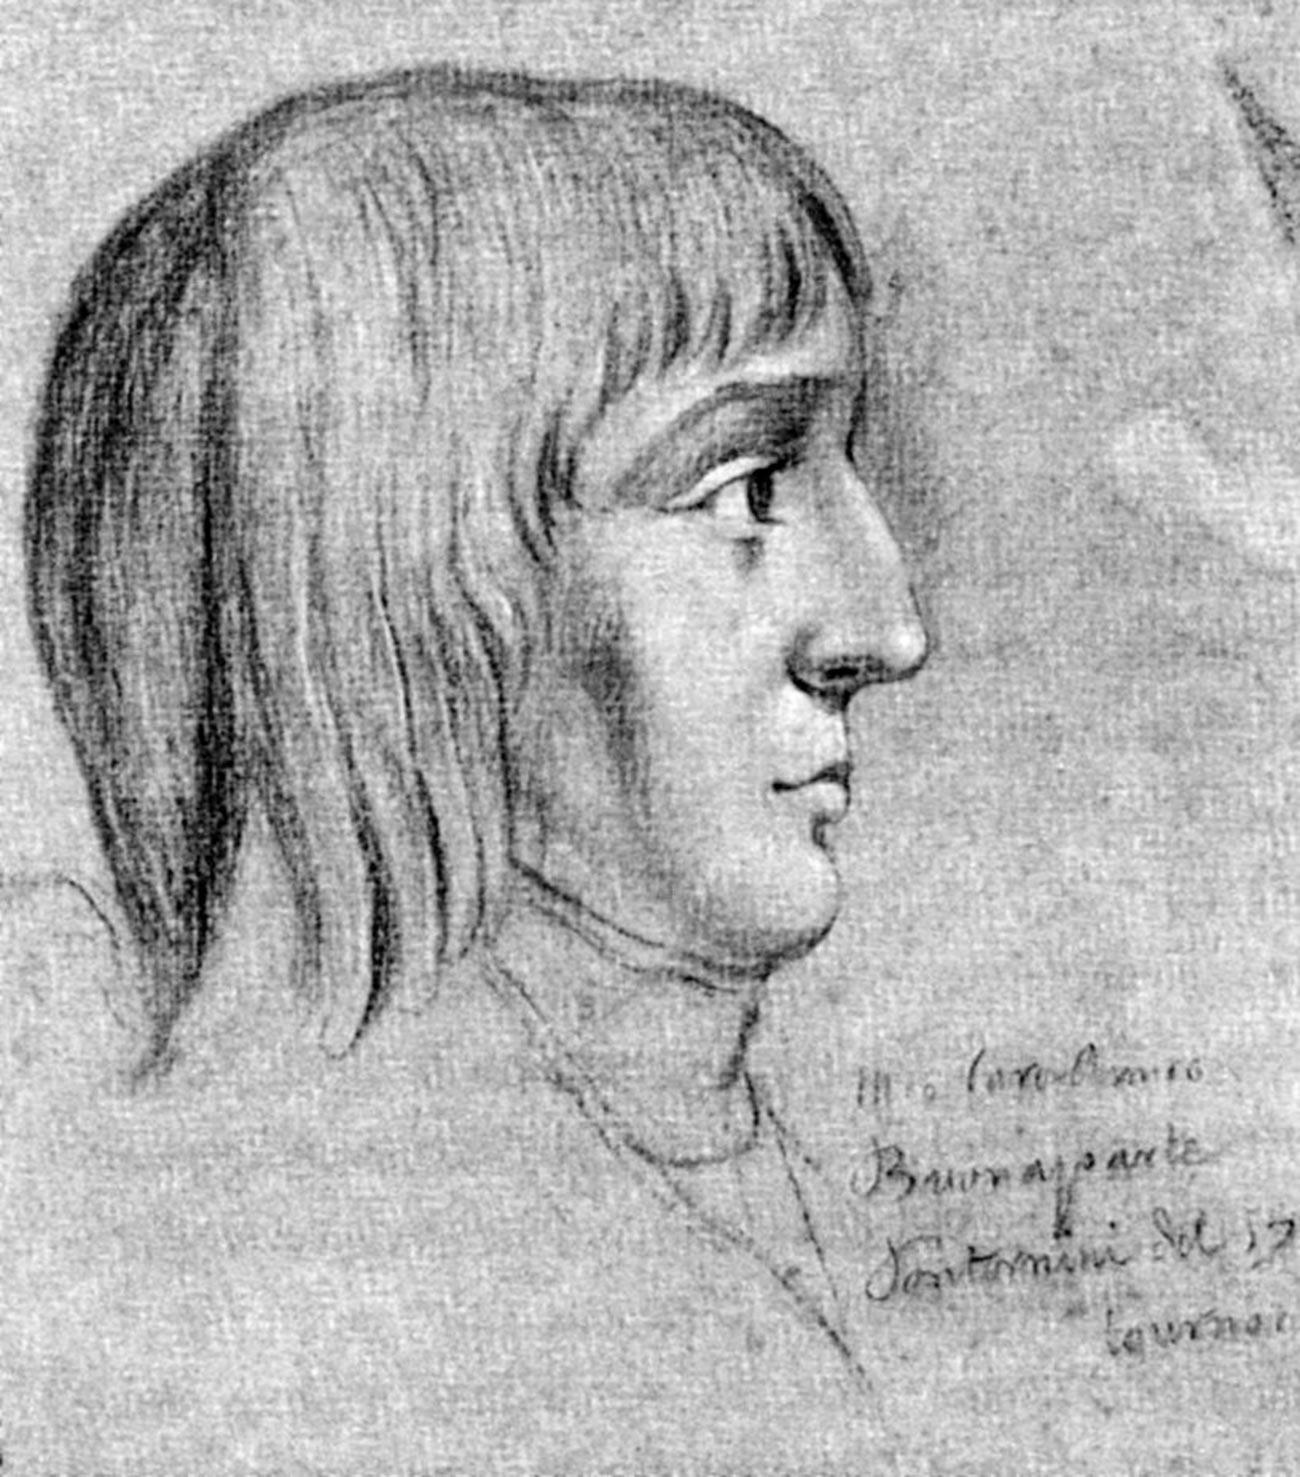 Наполеон Бонапарта (1769-1821) када је имао 16 година (цртеж црном кредом), непознати аутор